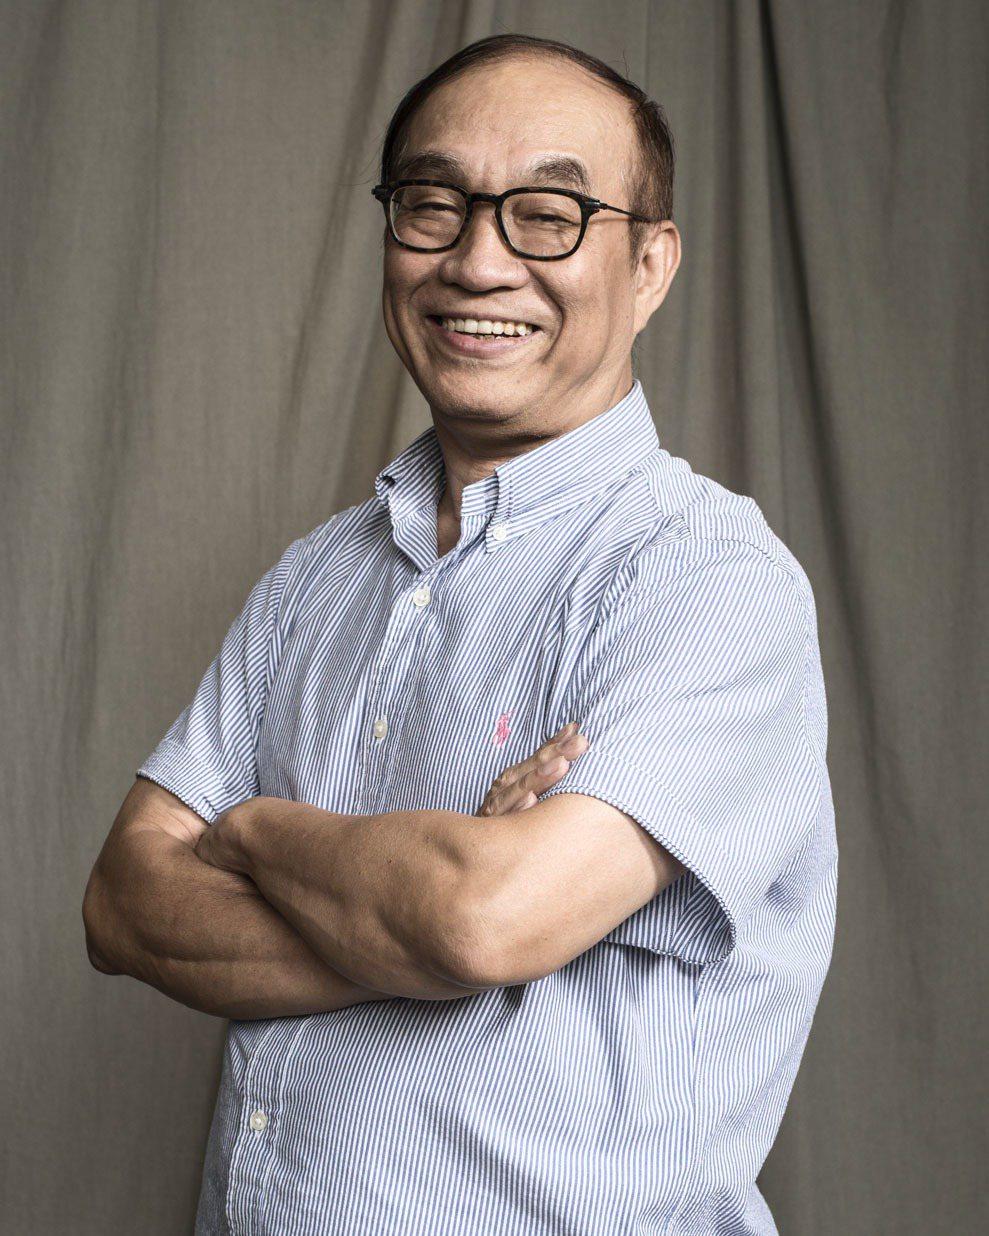 廖慶松擔綱導演賀照緹的紀錄片企劃案「睏寐之際」監製。圖/金馬執委會提供